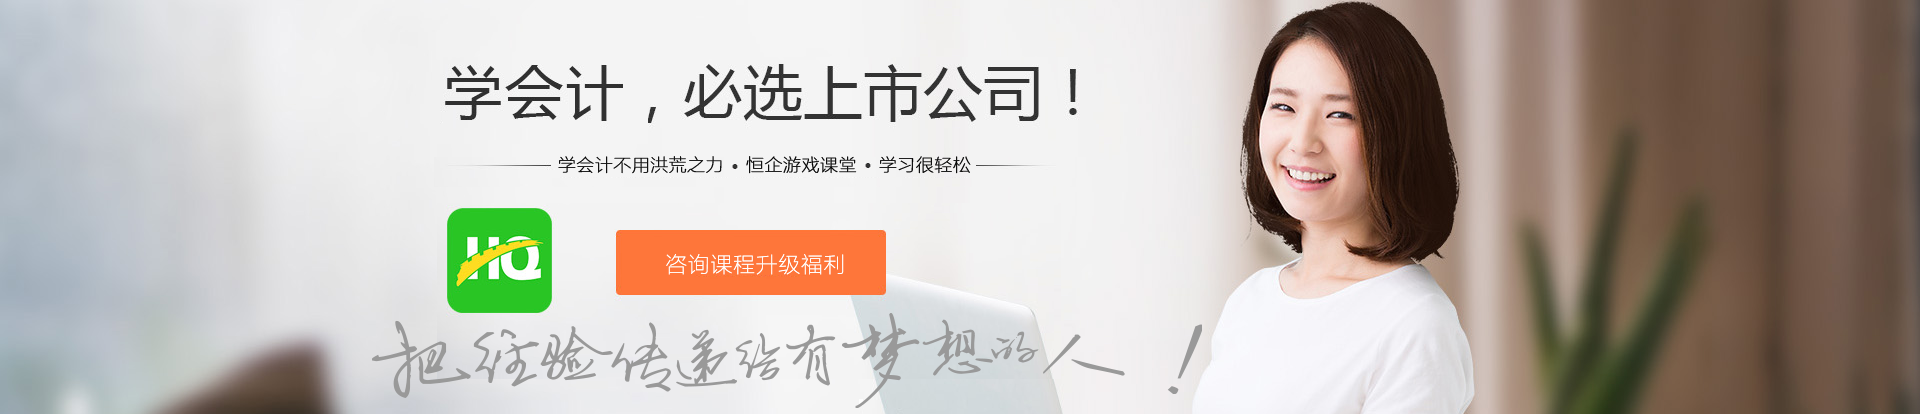 蒙城恒企会计合乐彩票app学校 横幅广告